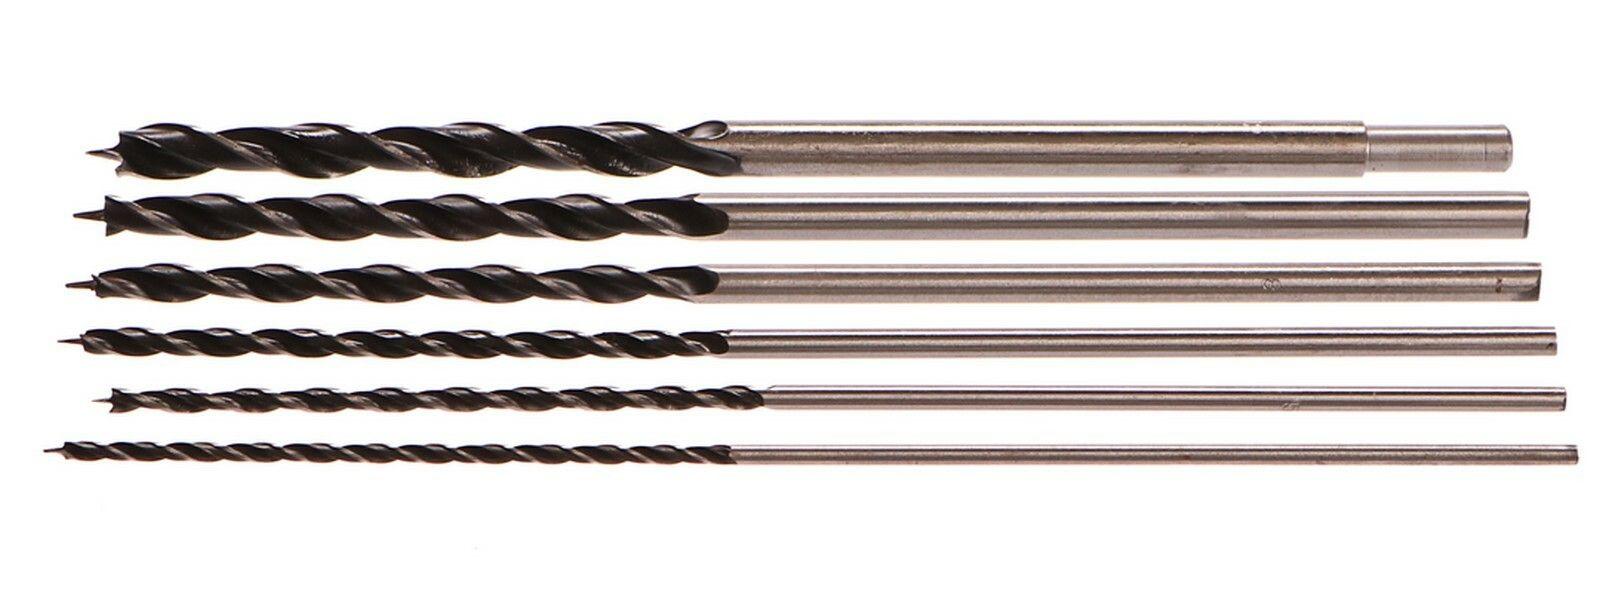 Vrtáky do dřeva, sada 6ks, 4-12mm, délka 300mm GEKO